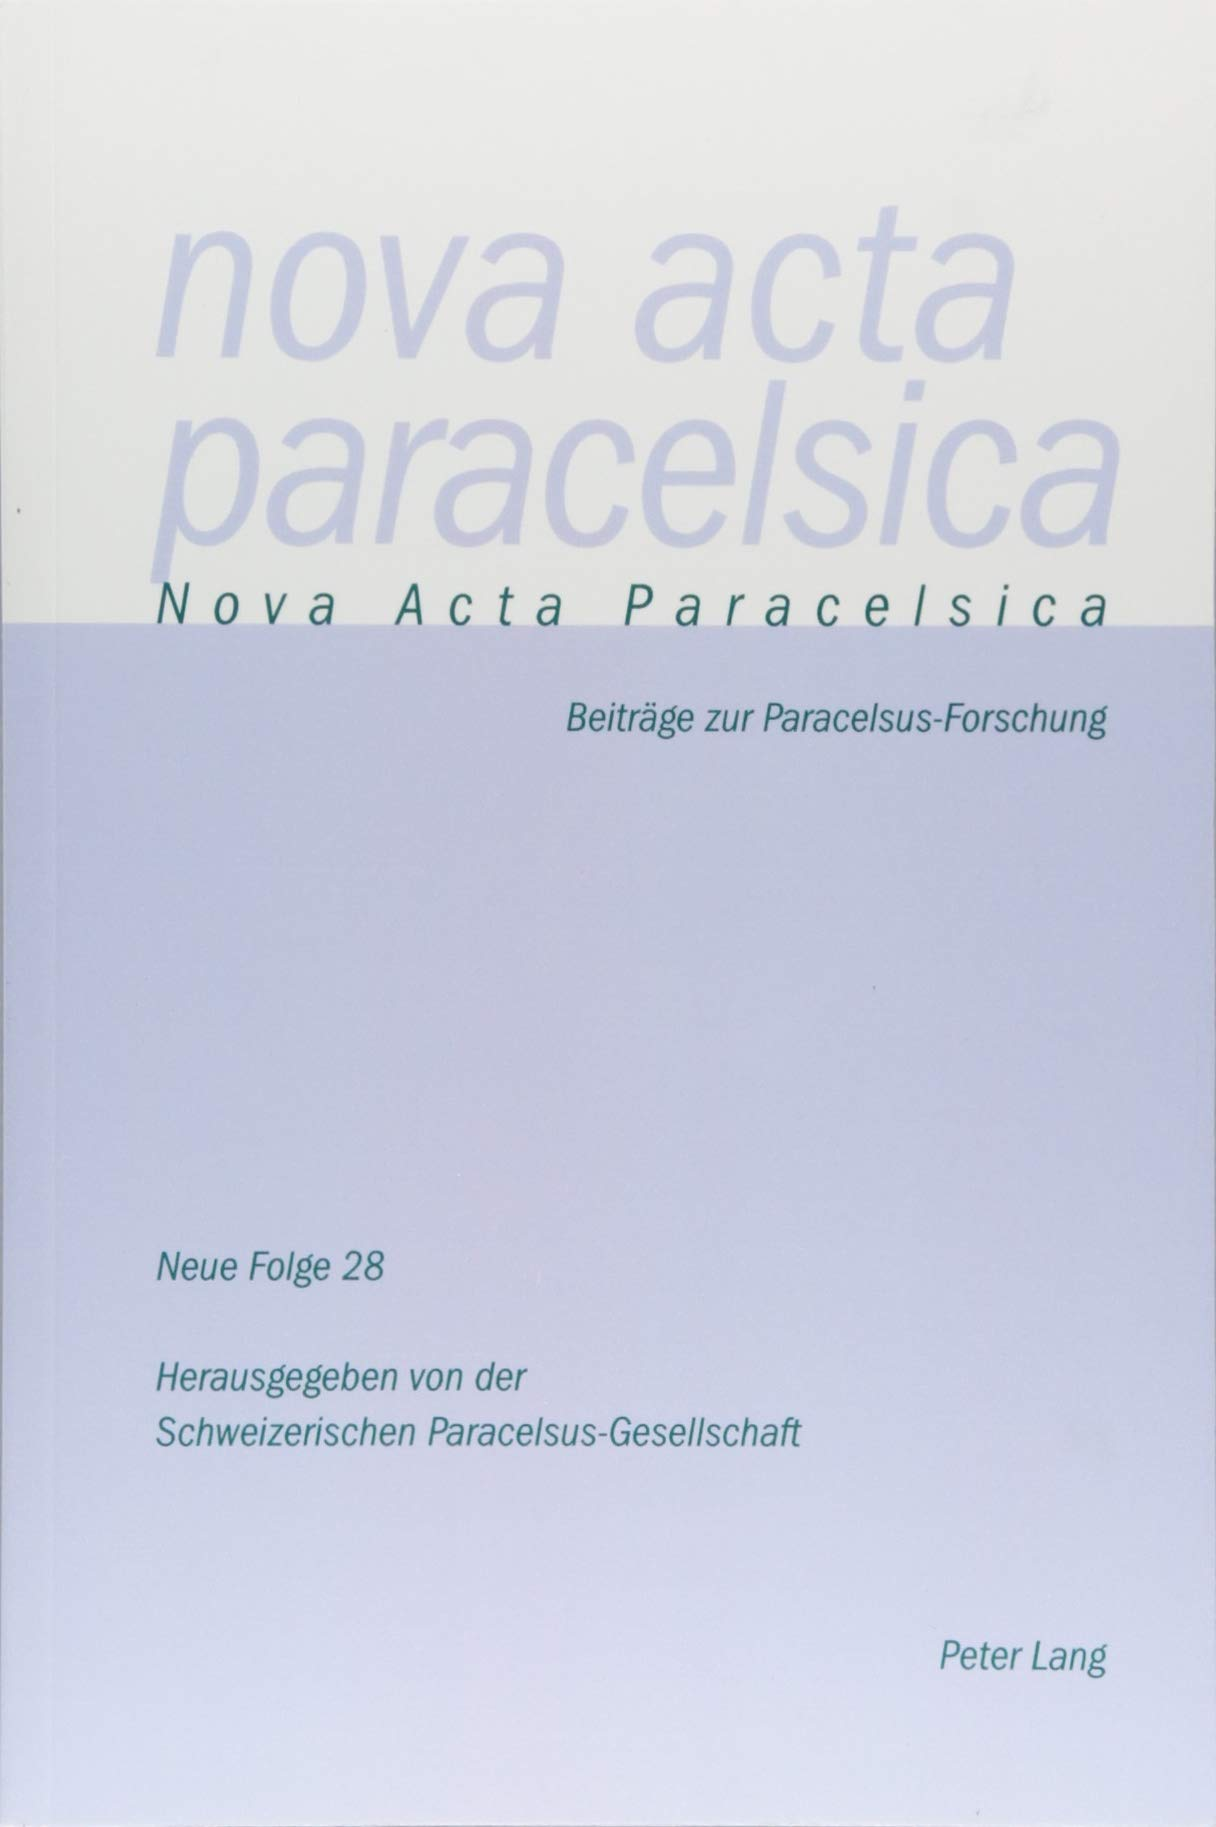 Nova Acta Paracelsica: Beiträge zur Paracelsus-Forschung (German Edition) pdf